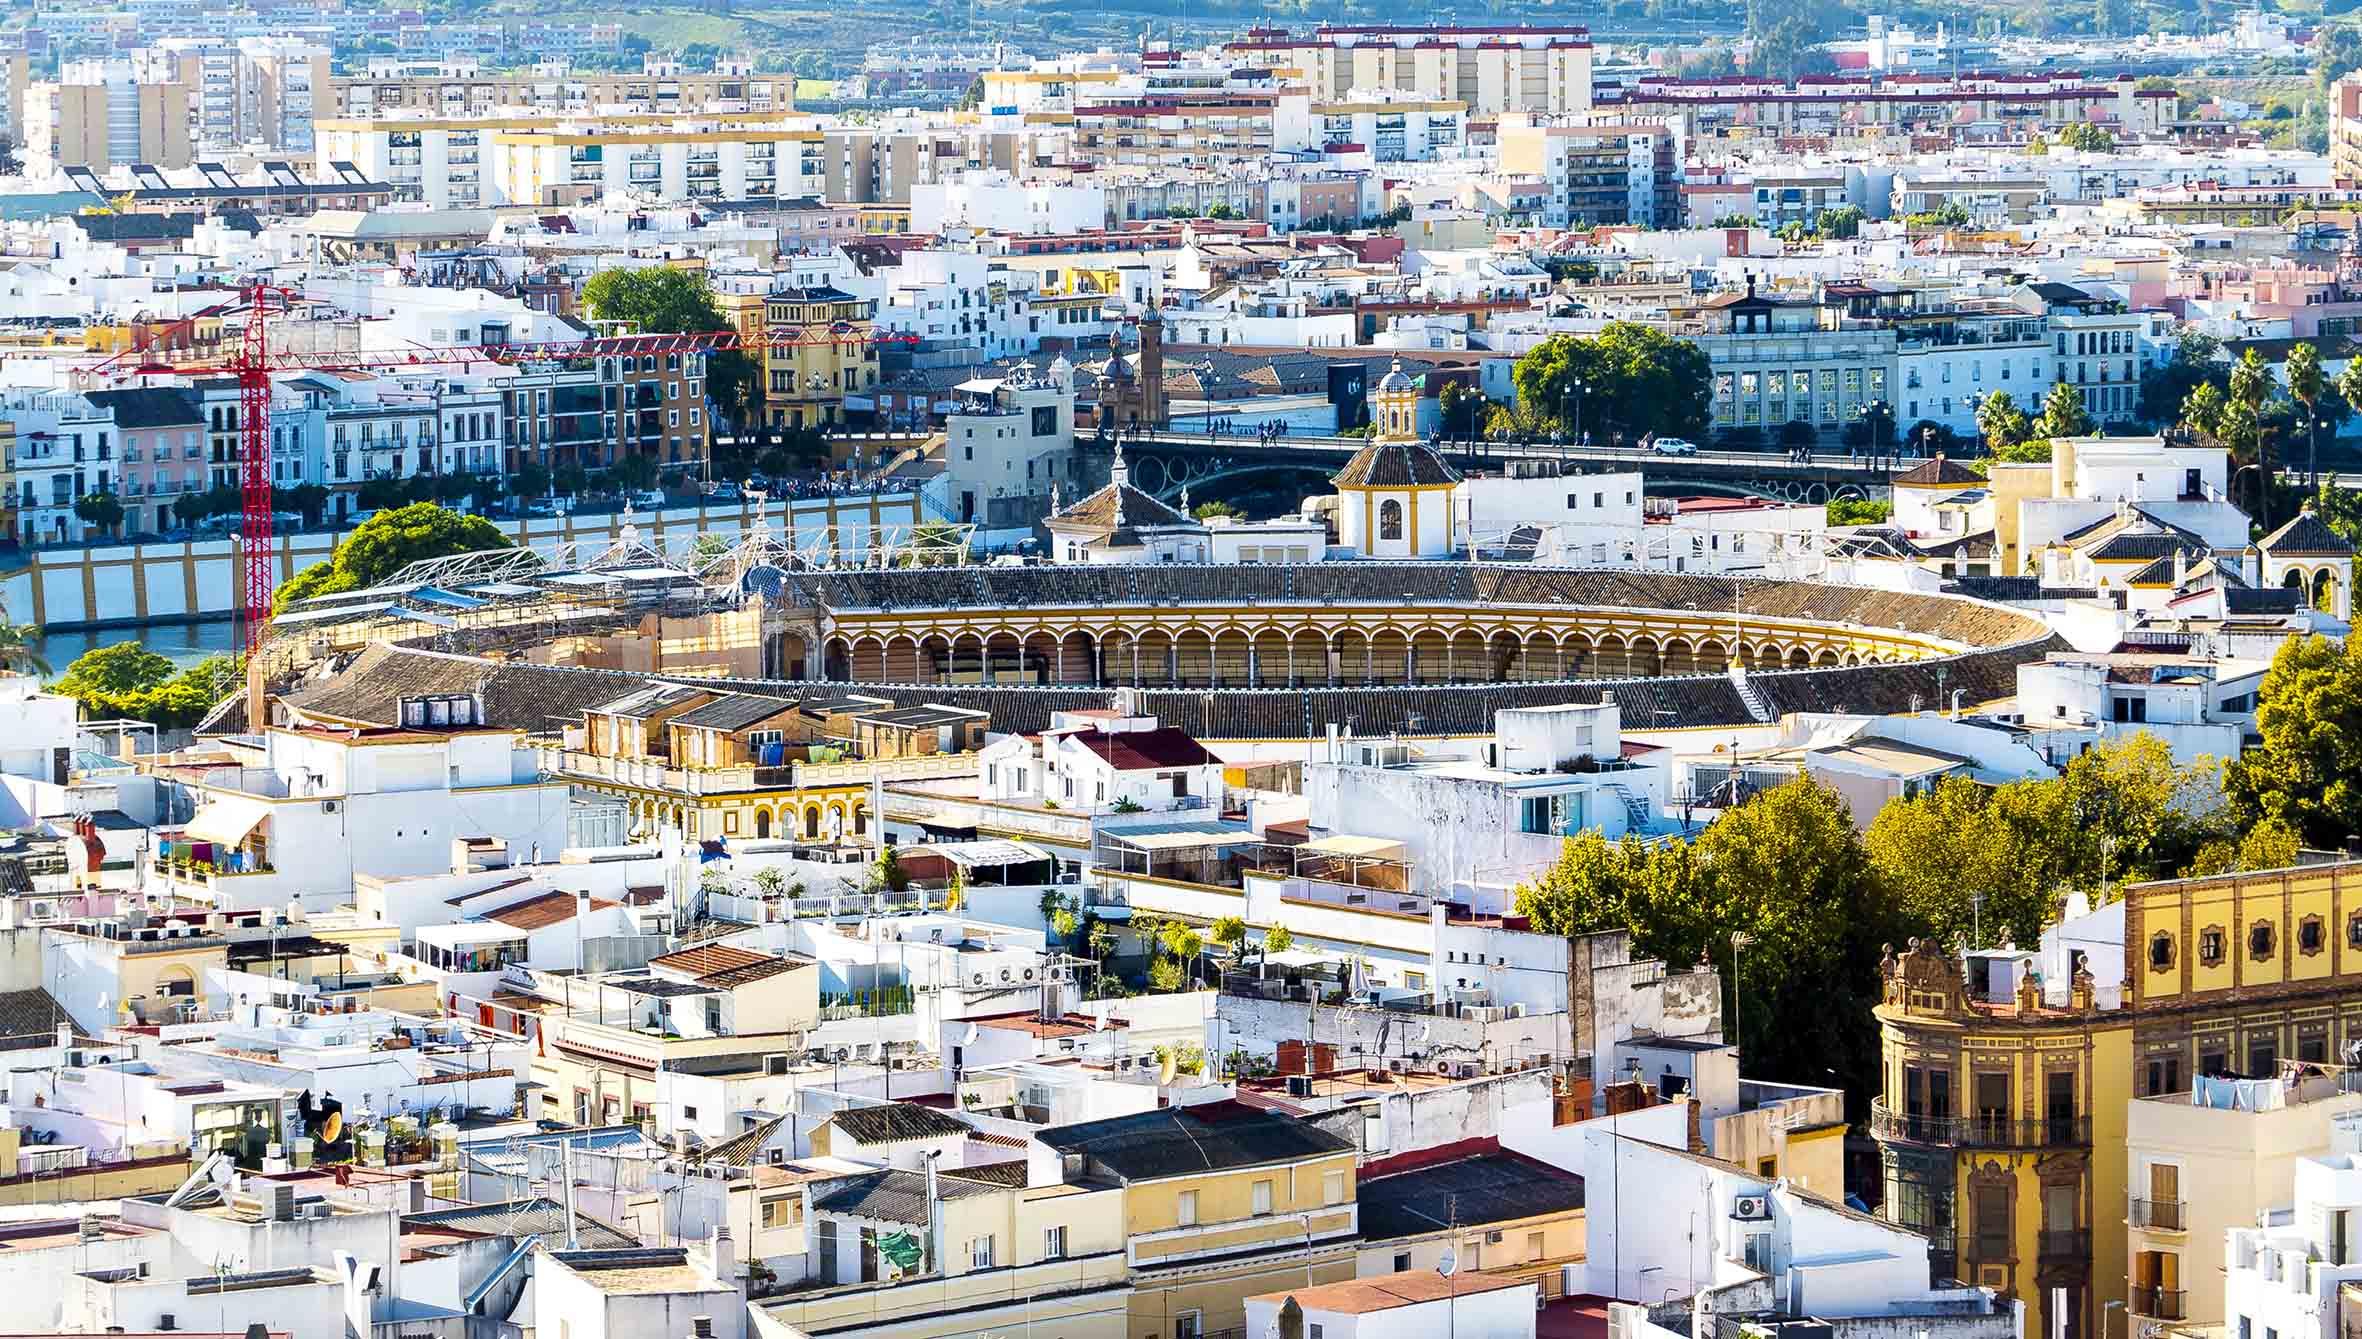 Lissabon Lifeview 01